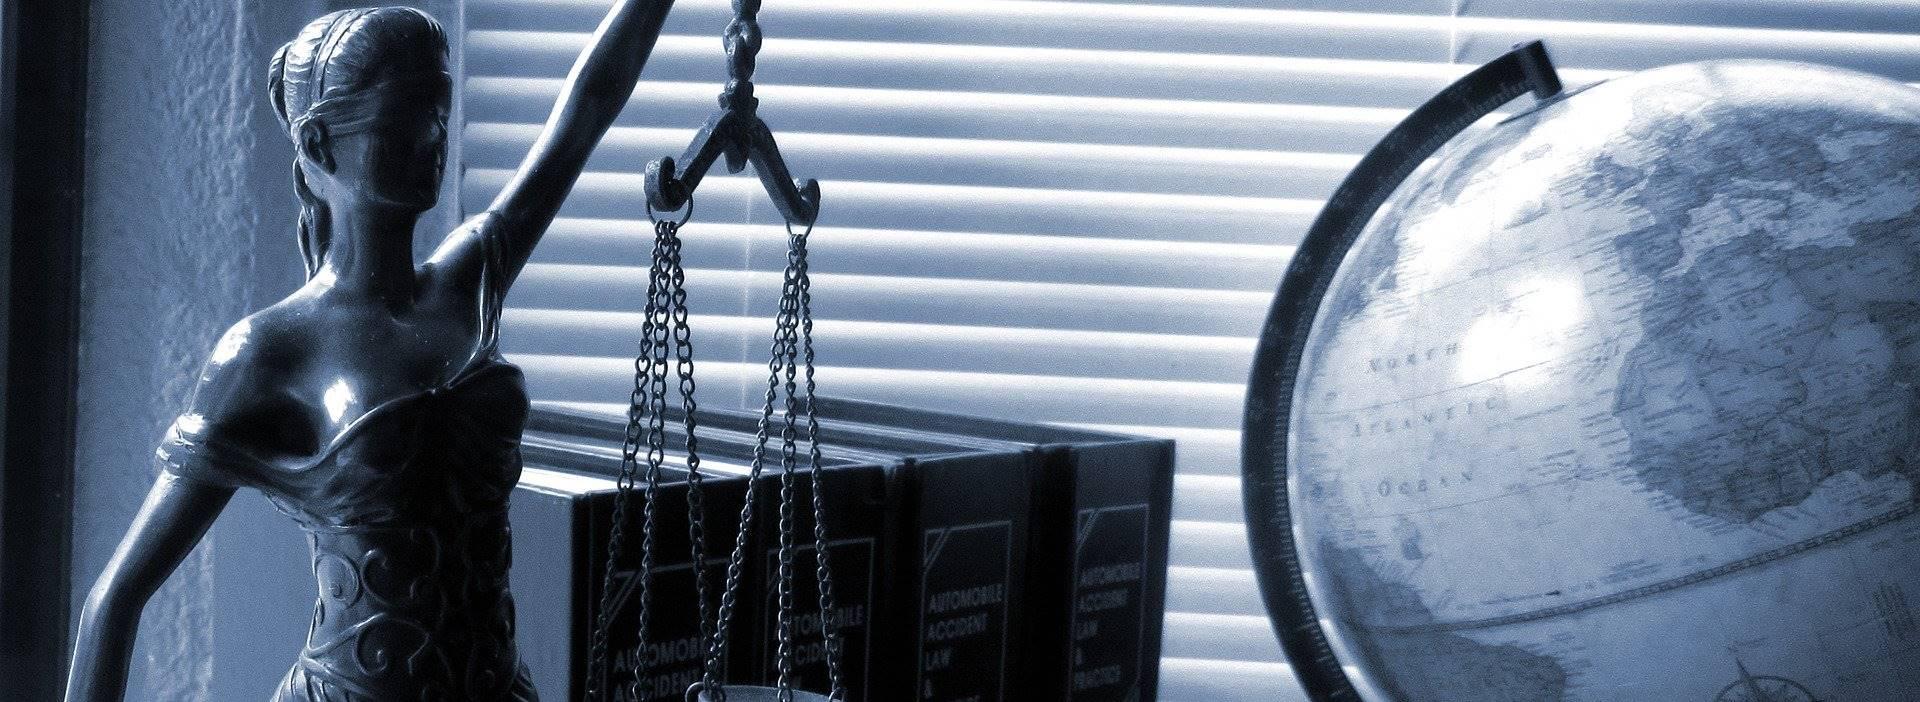 Dobrowolne poddanie się karze i skazanie bez przeprowadzenia rozprawy